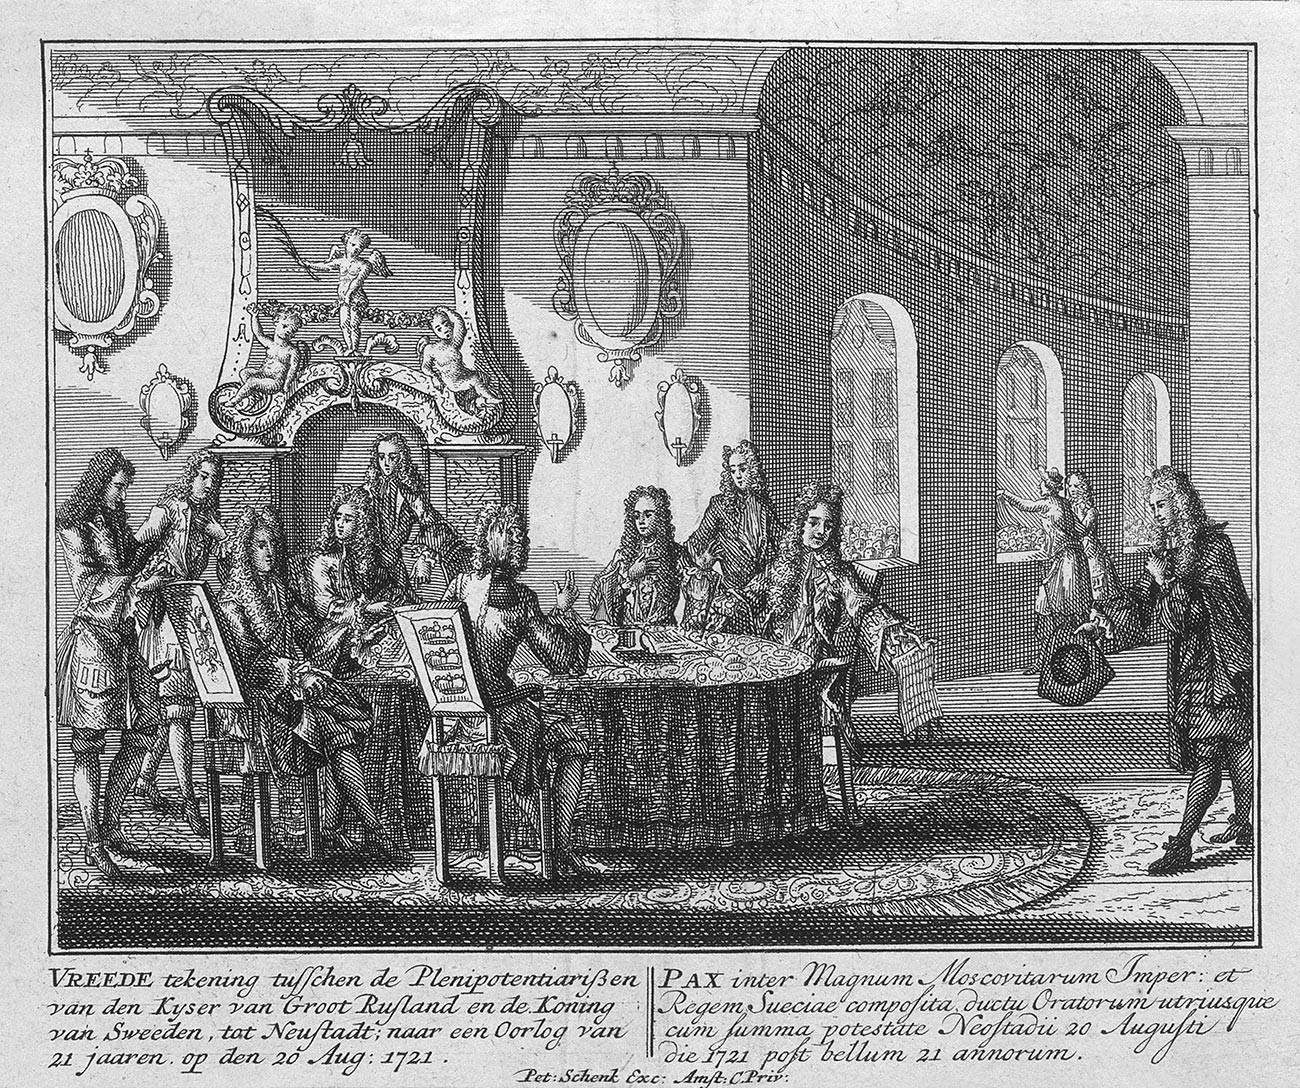 Traité de Nystad